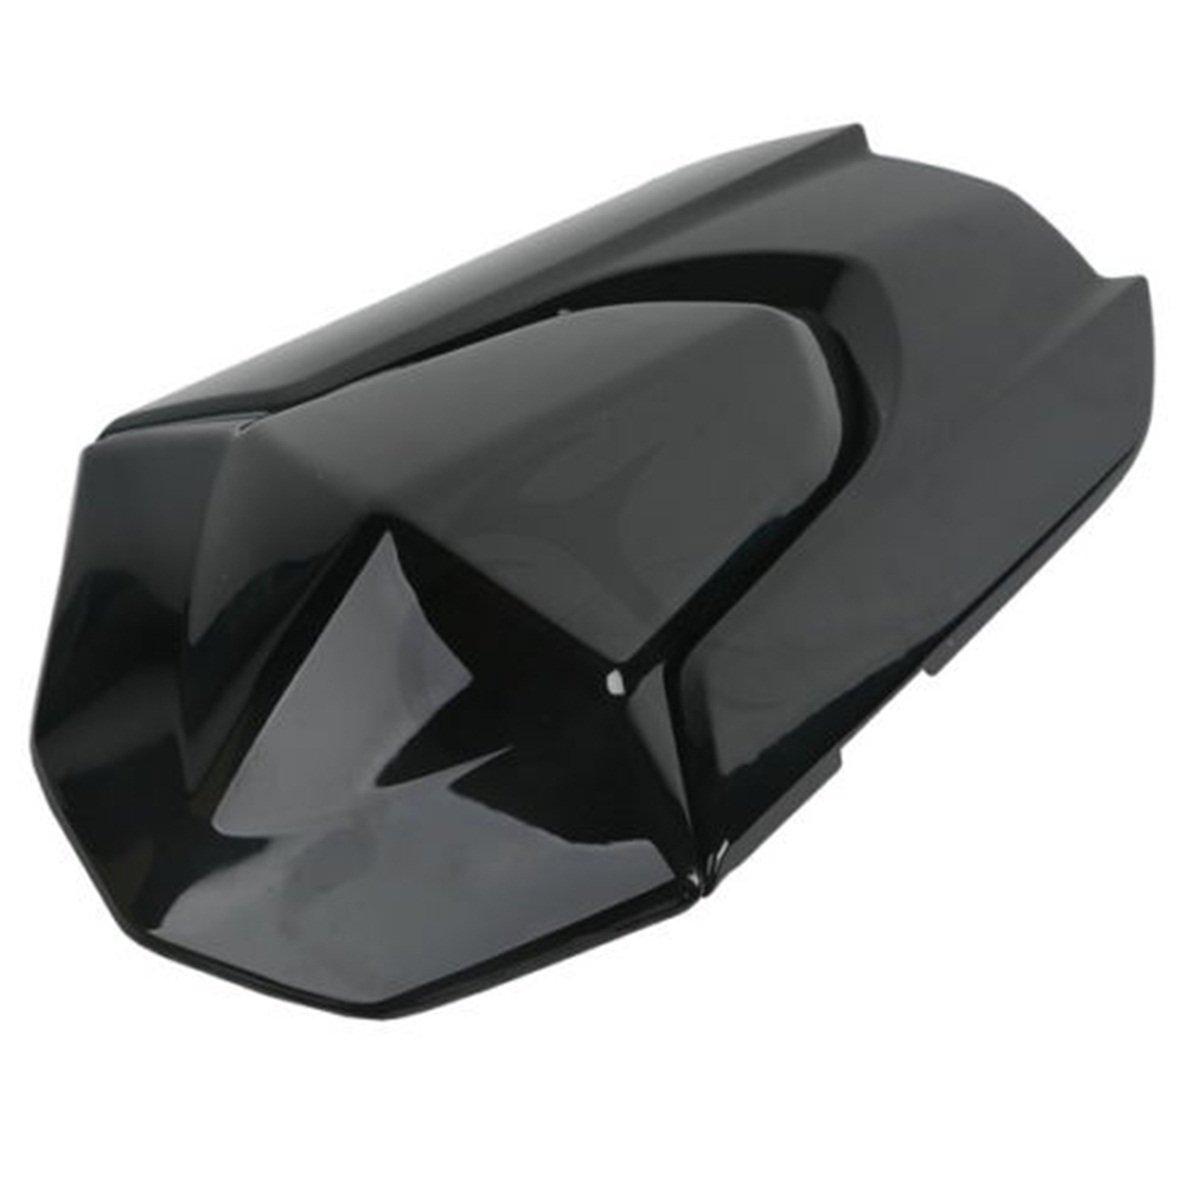 Black Rear Seat Cover Cowl For Suzuki GSXR1000 GSX-R 1000 K9 2009-2016 Onemoto